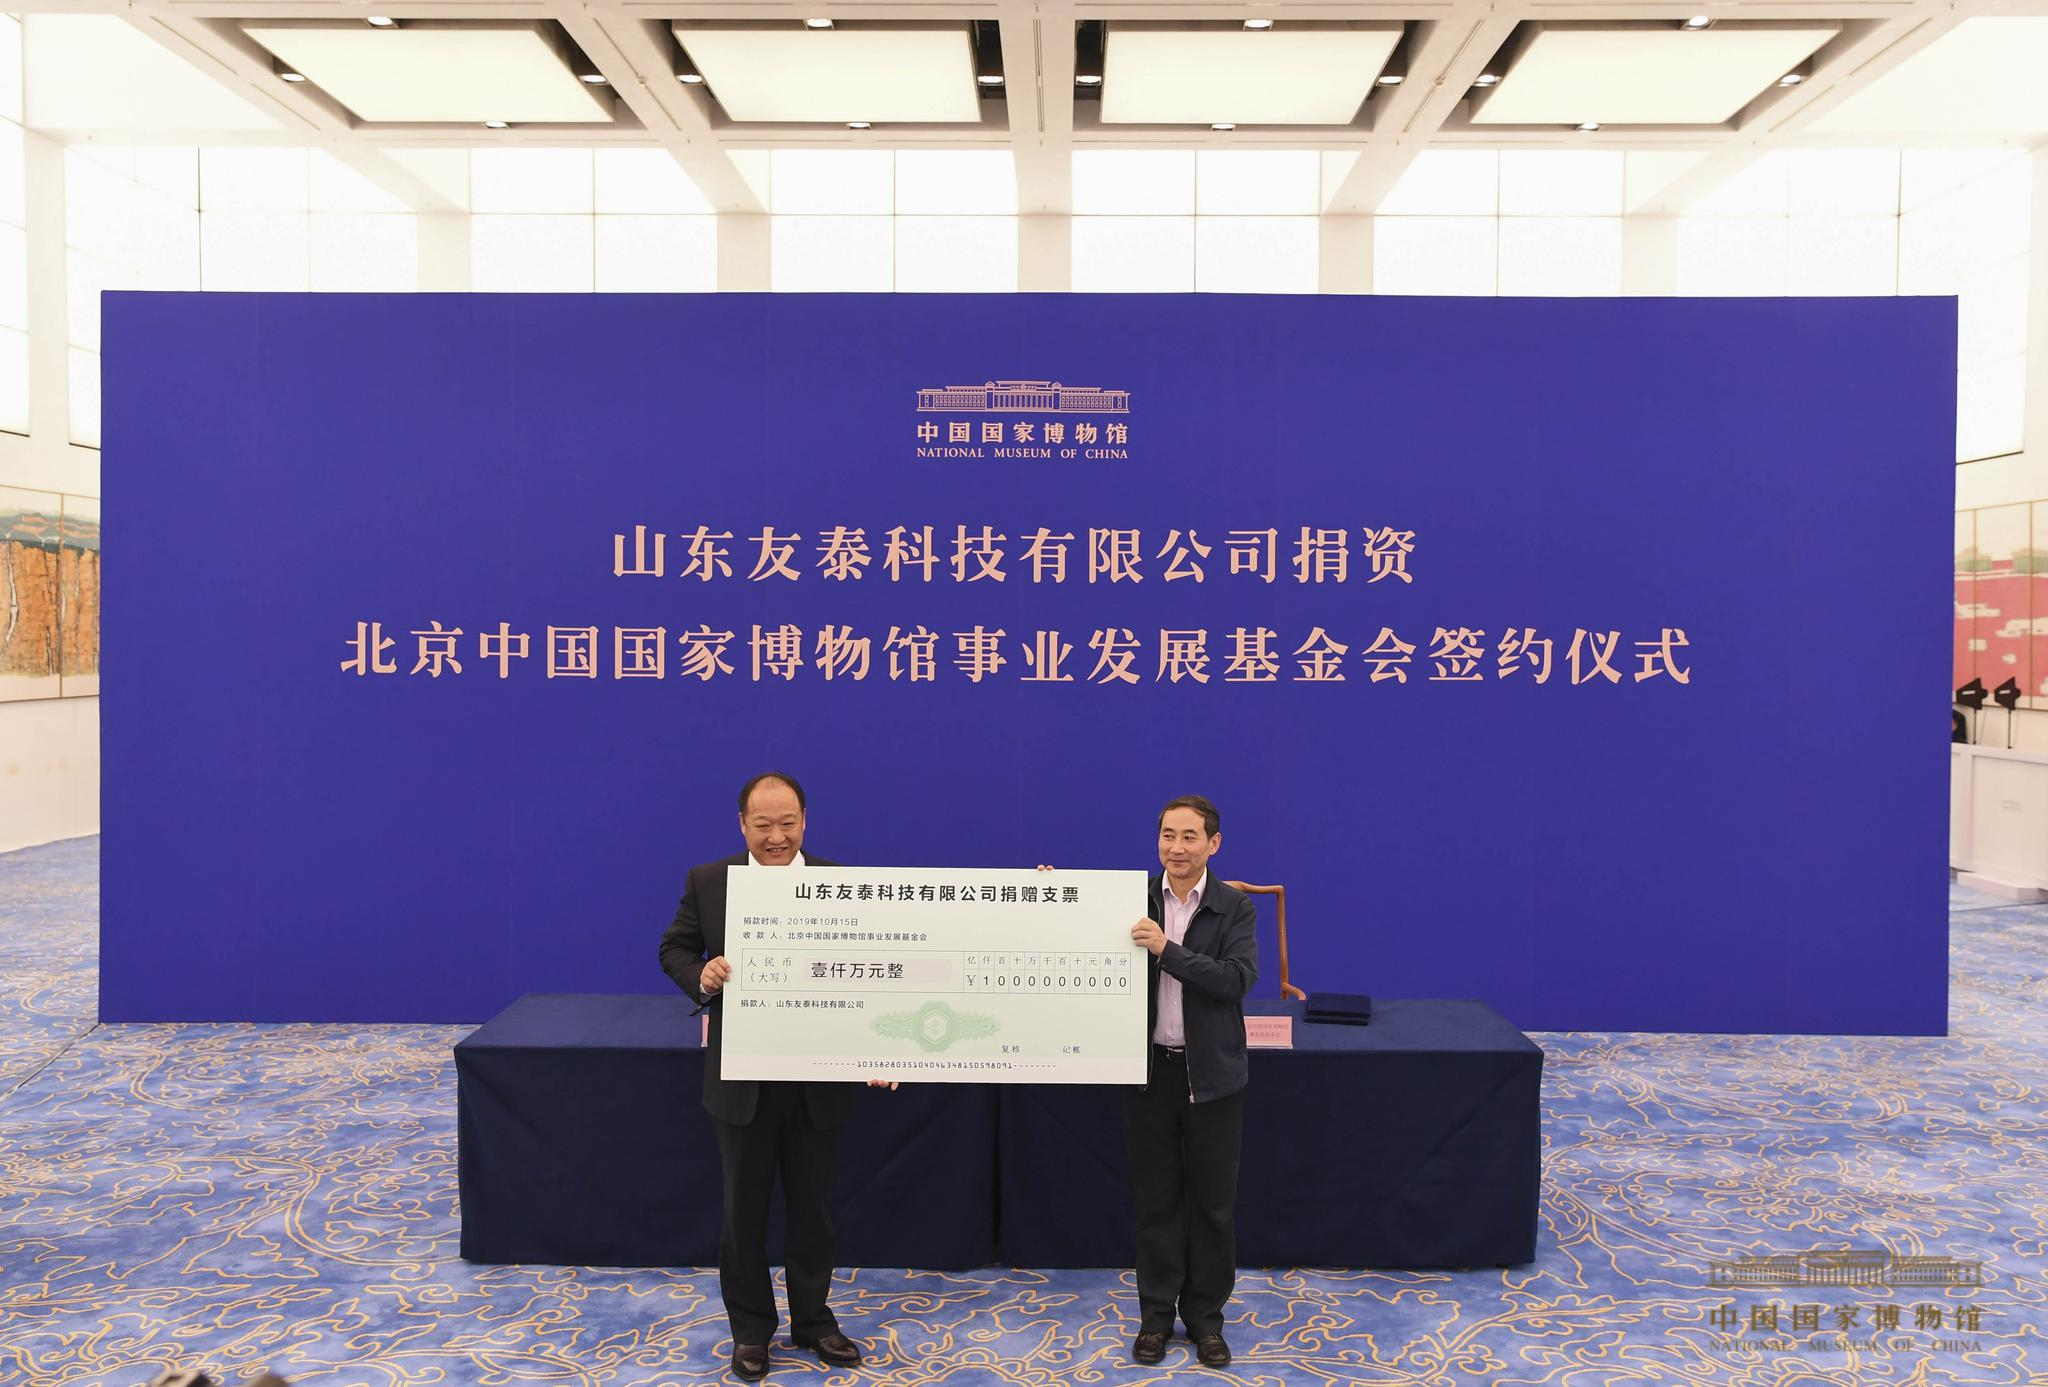 社会力量助力文博事业  北京中国国家博物馆事业发展基金会获千万元捐资